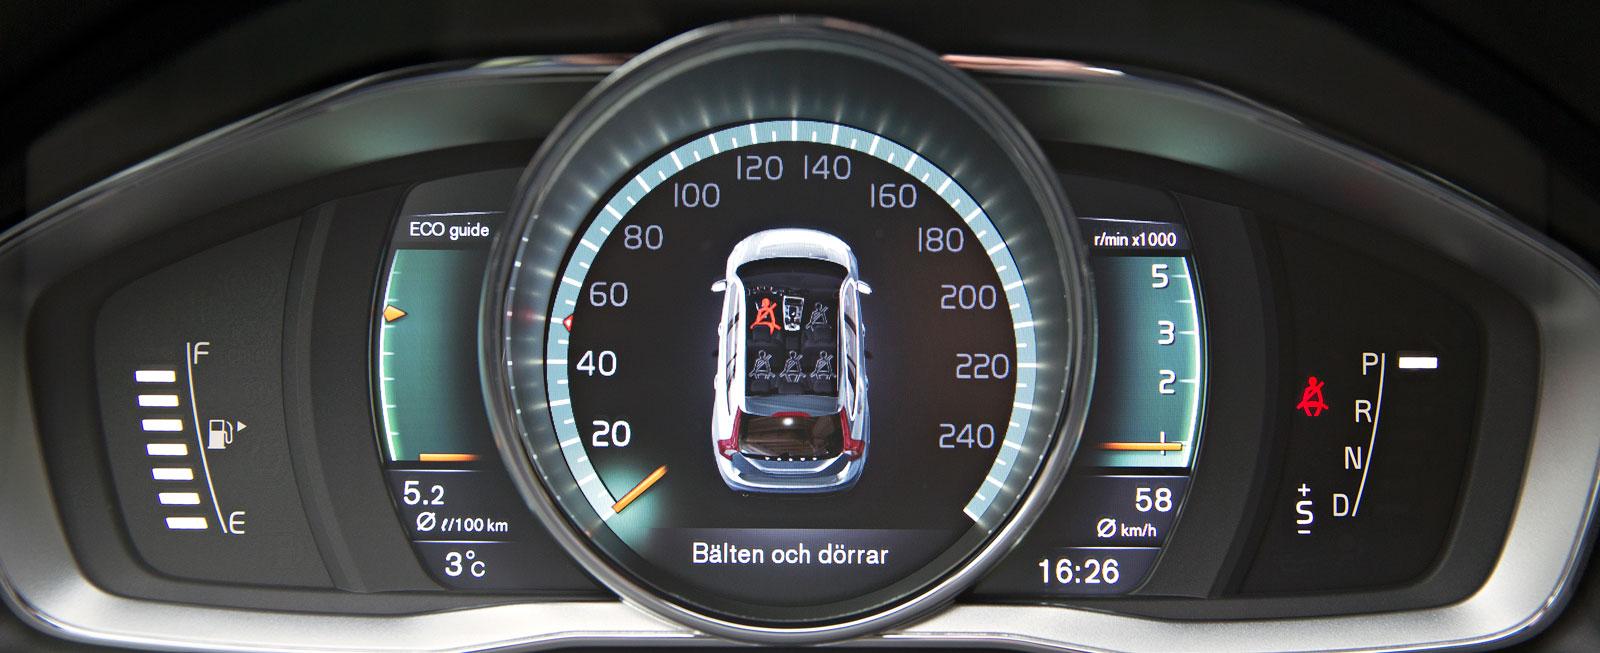 """Stort centralinstrument med olika """"lager"""" information samt två mindre skalor vid sidan av – en välbekant och fortfarande fräsch syn i Volvo."""